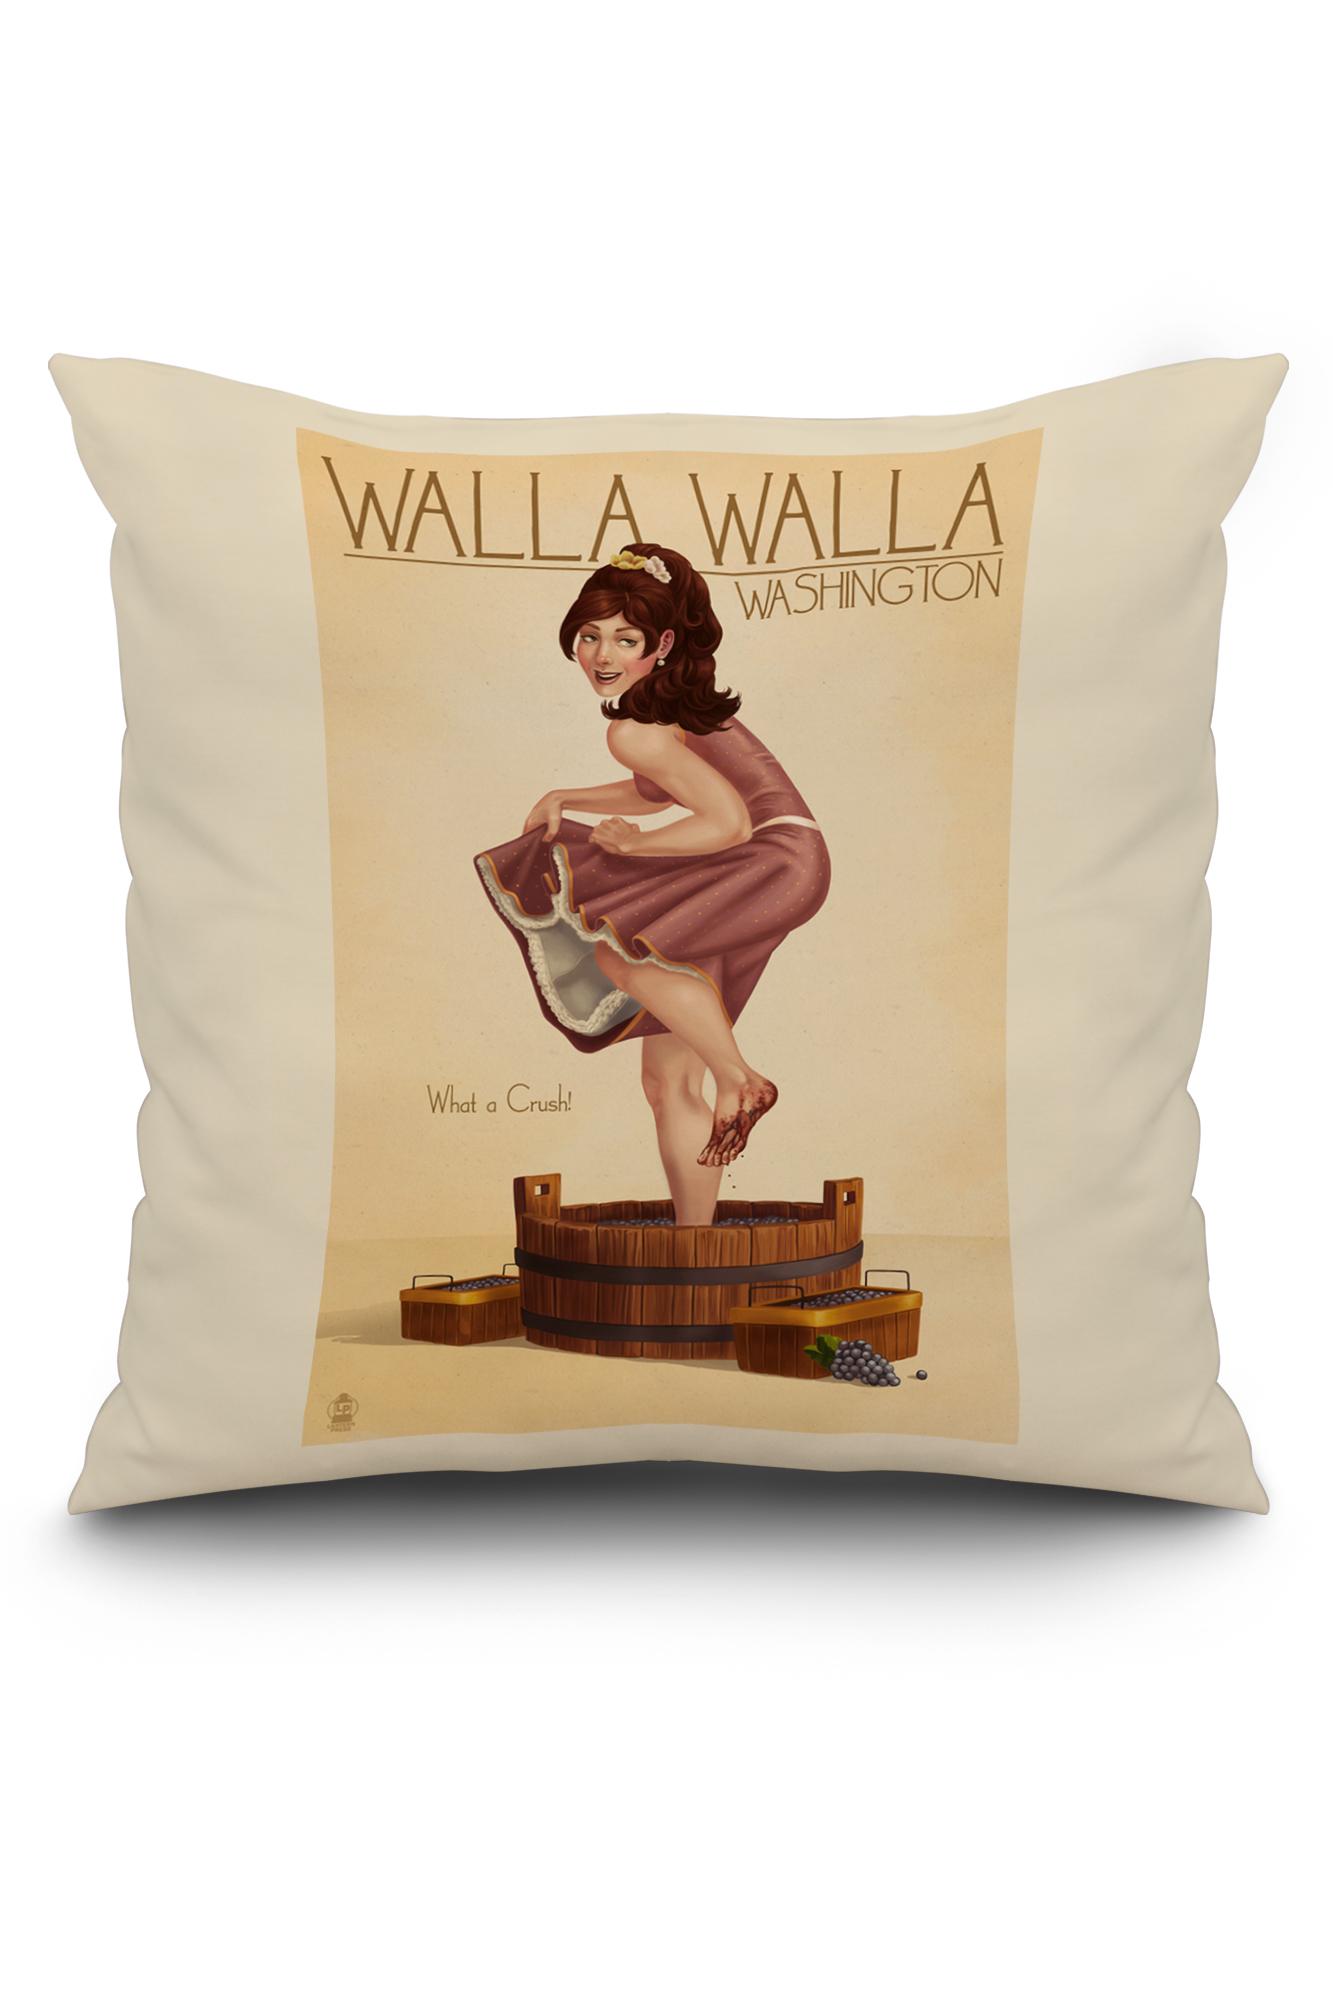 walmart walla walla